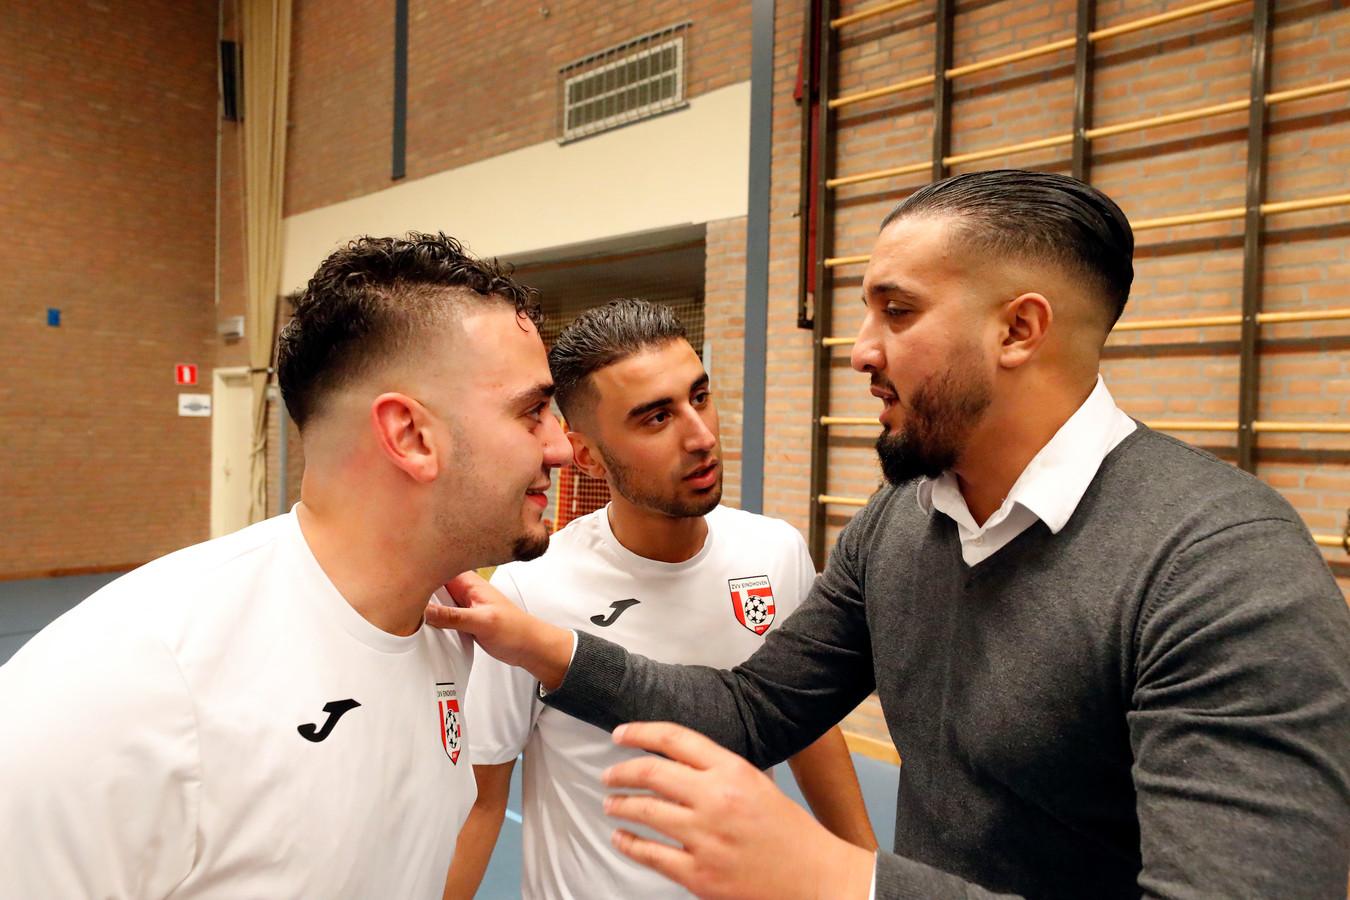 Imad Bouazzaoui (rechts) hier op archiefbeeld is trainer van ZVV Eindhoven.